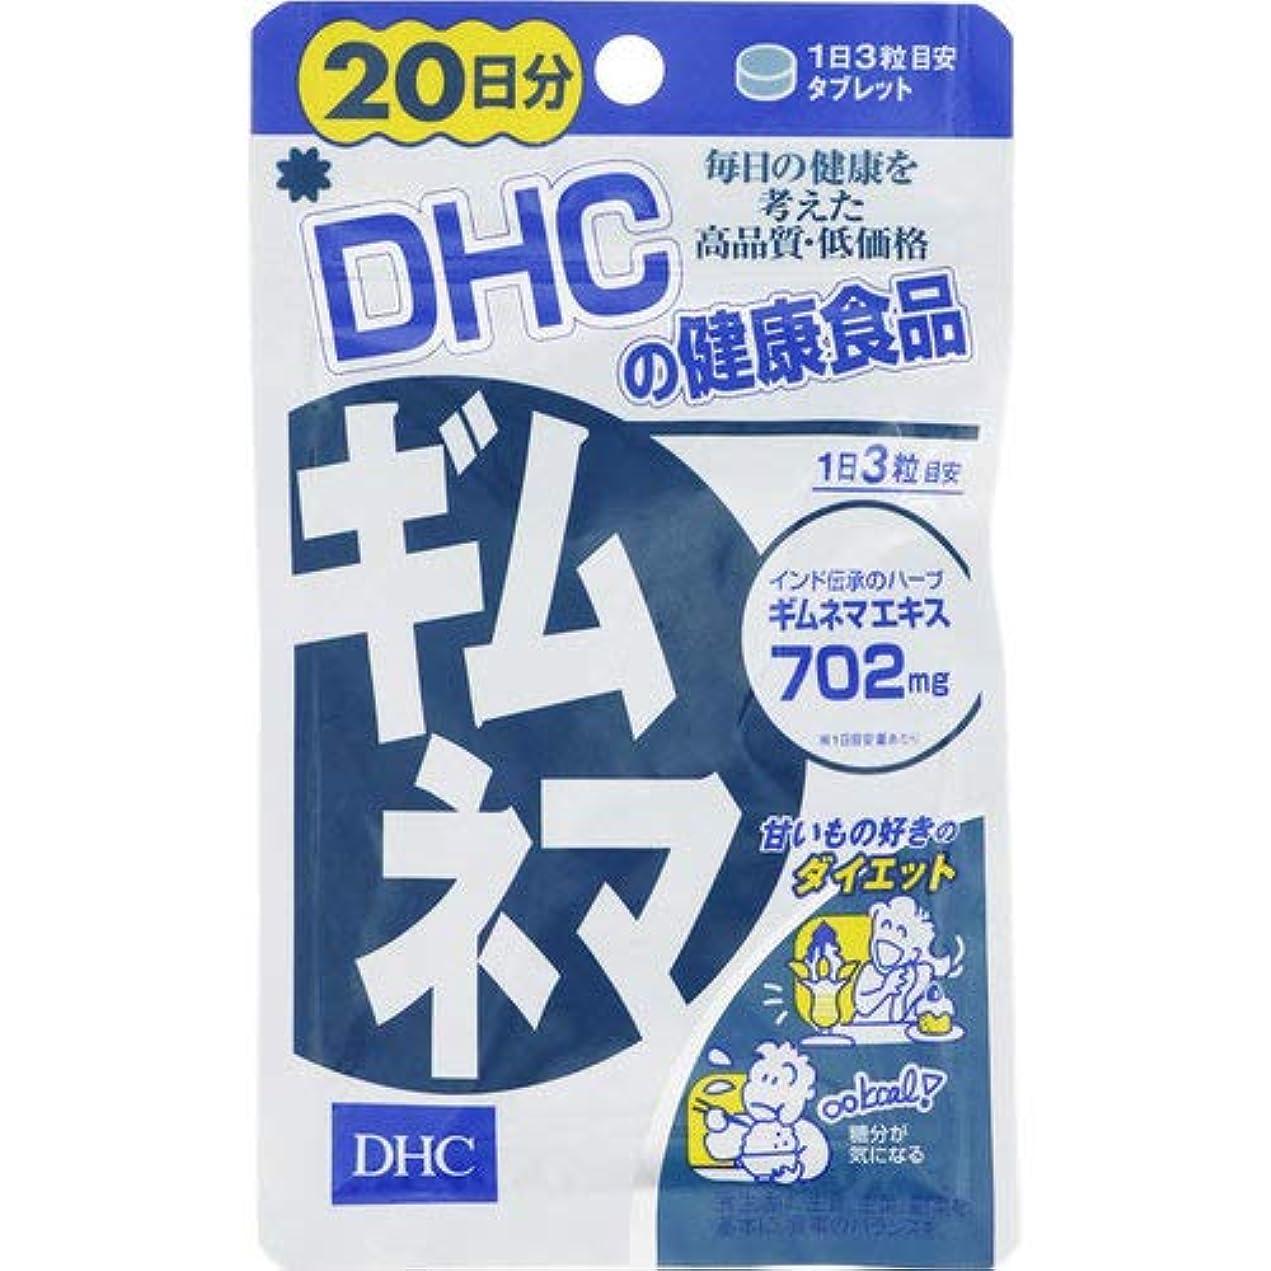 ホイール知るヨーグルト【DHC】ギムネマ 20日分 (60粒)